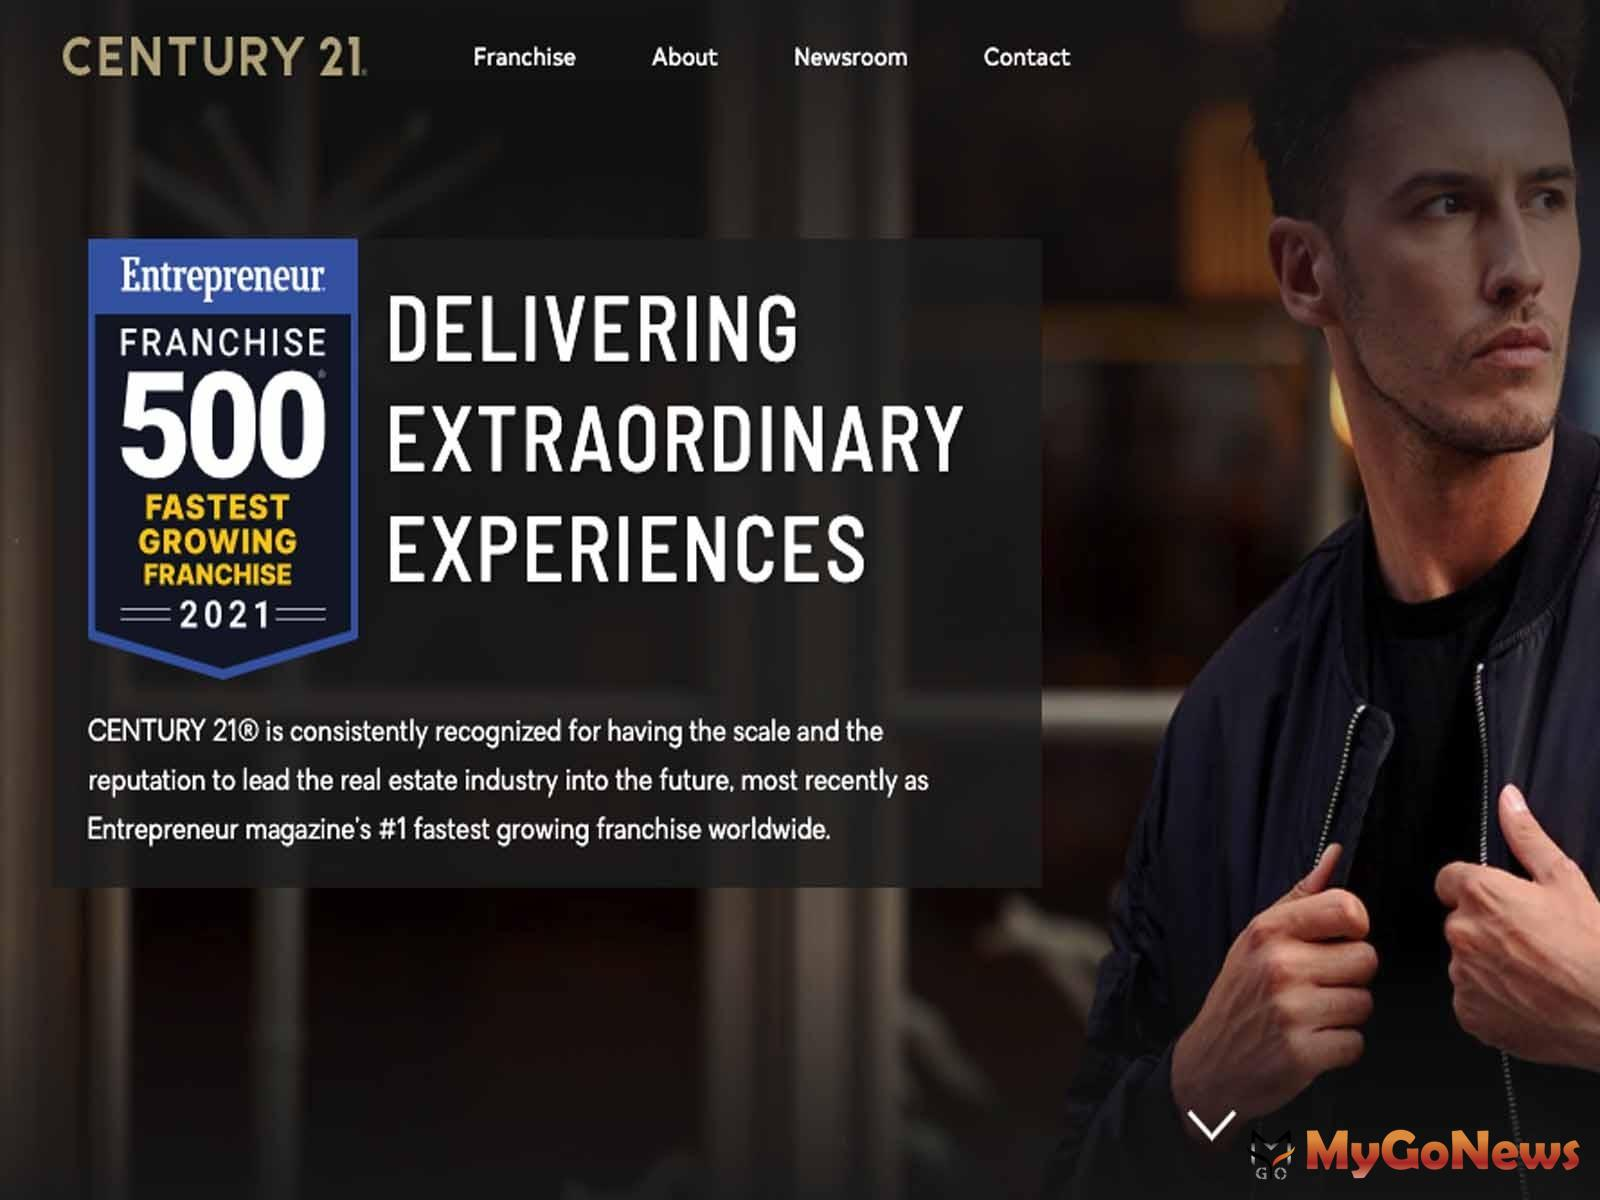 21世紀不動產(CENTURY 21®)獲得美國商業雜誌《Entrepreneur》雜誌於評為成長第一名的連鎖加盟品牌(圖/21世紀不動產) MyGoNews房地產新聞 市場快訊